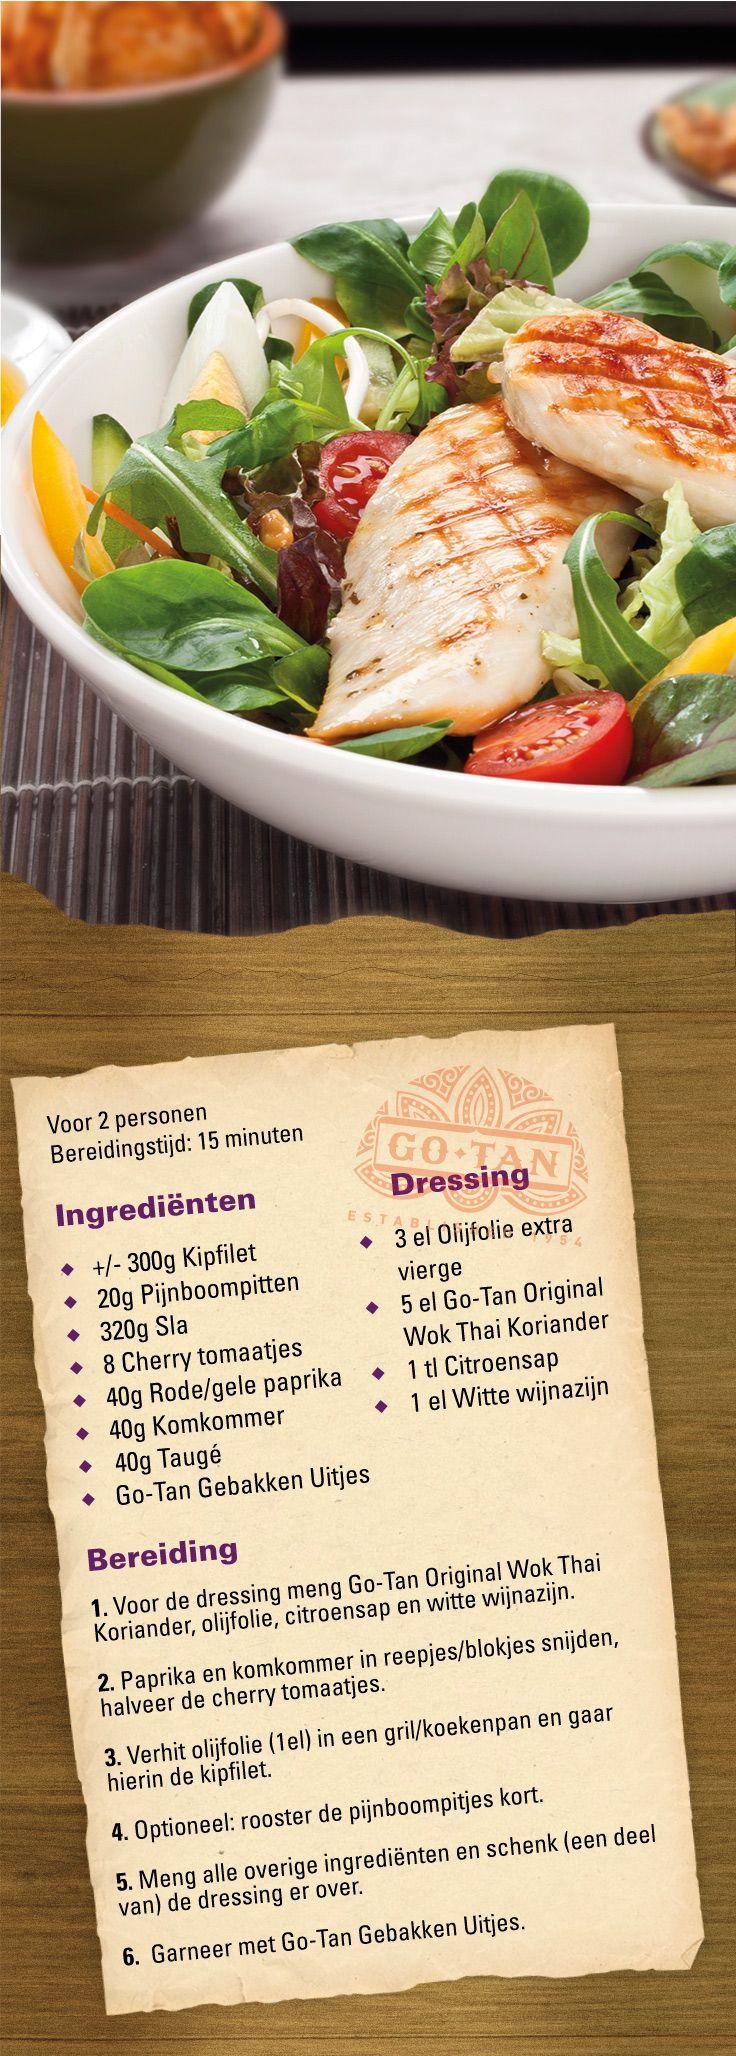 Thaise salade met gegrilde kip #recept #oosters #aziatisch #gezond #healthy #salad #thai #chicken